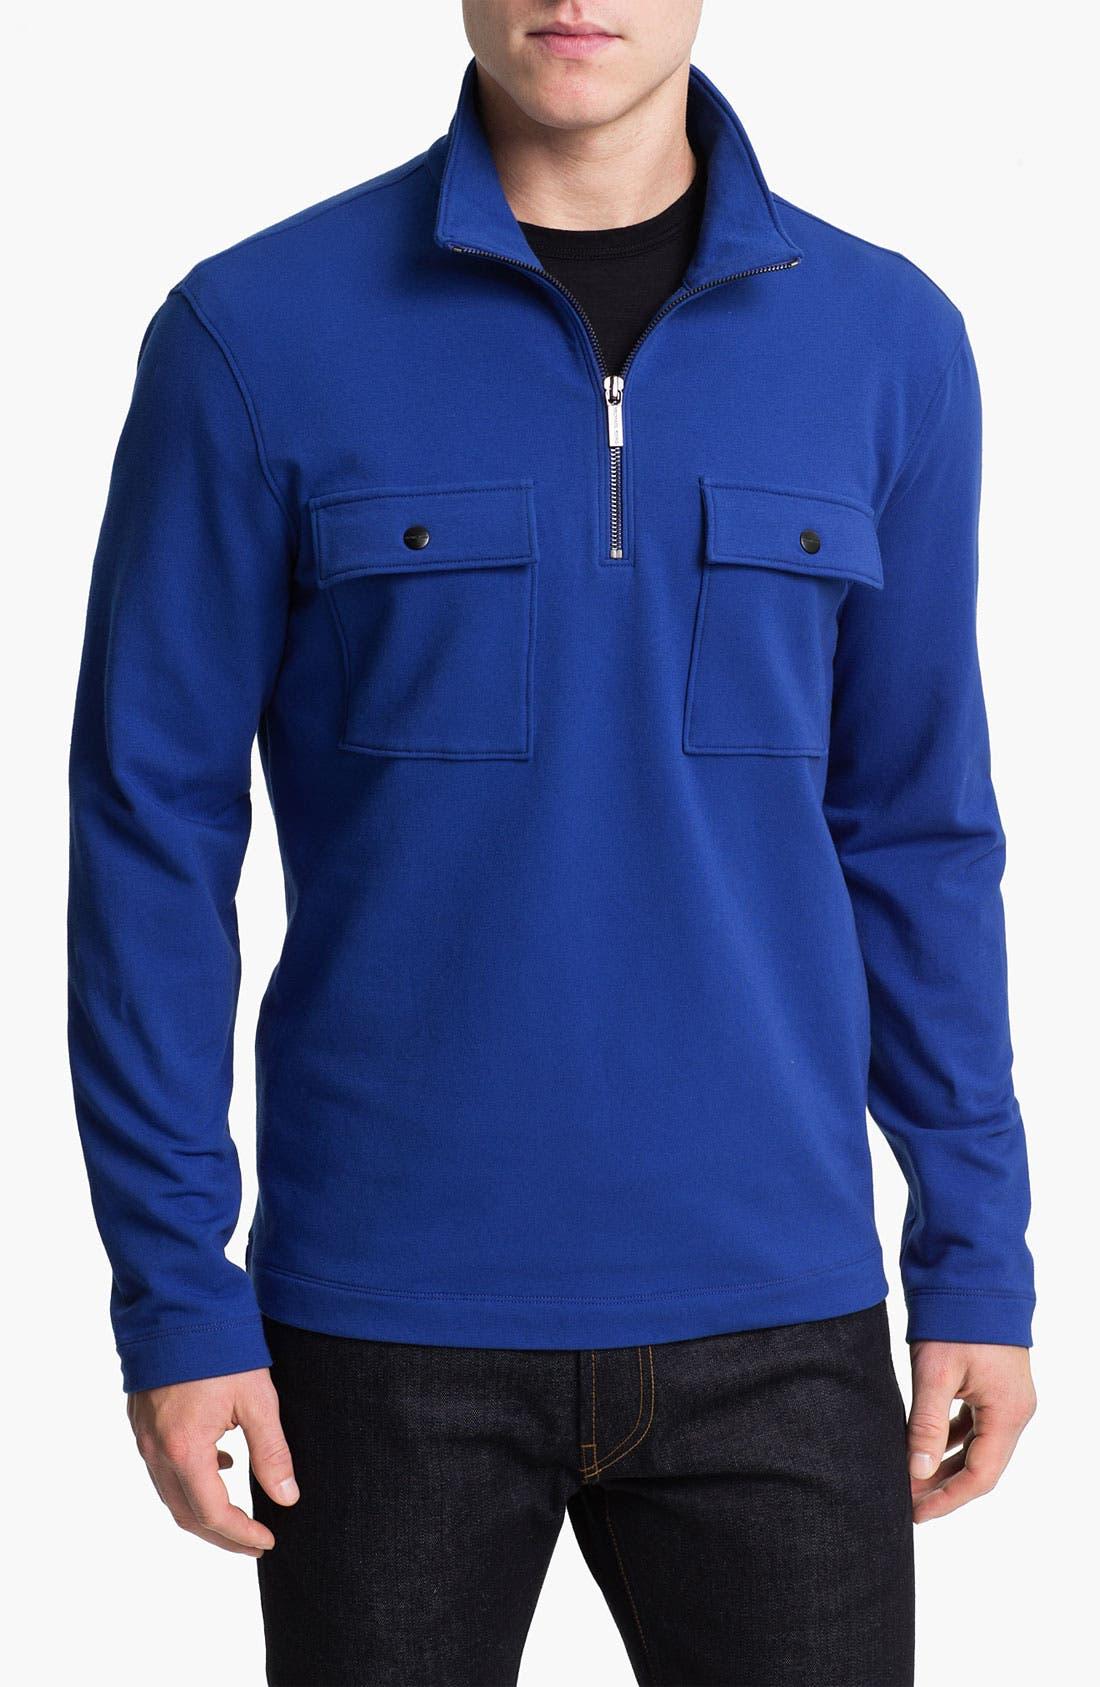 Alternate Image 1 Selected - Michael Kors Half Zip Fleece Pullover